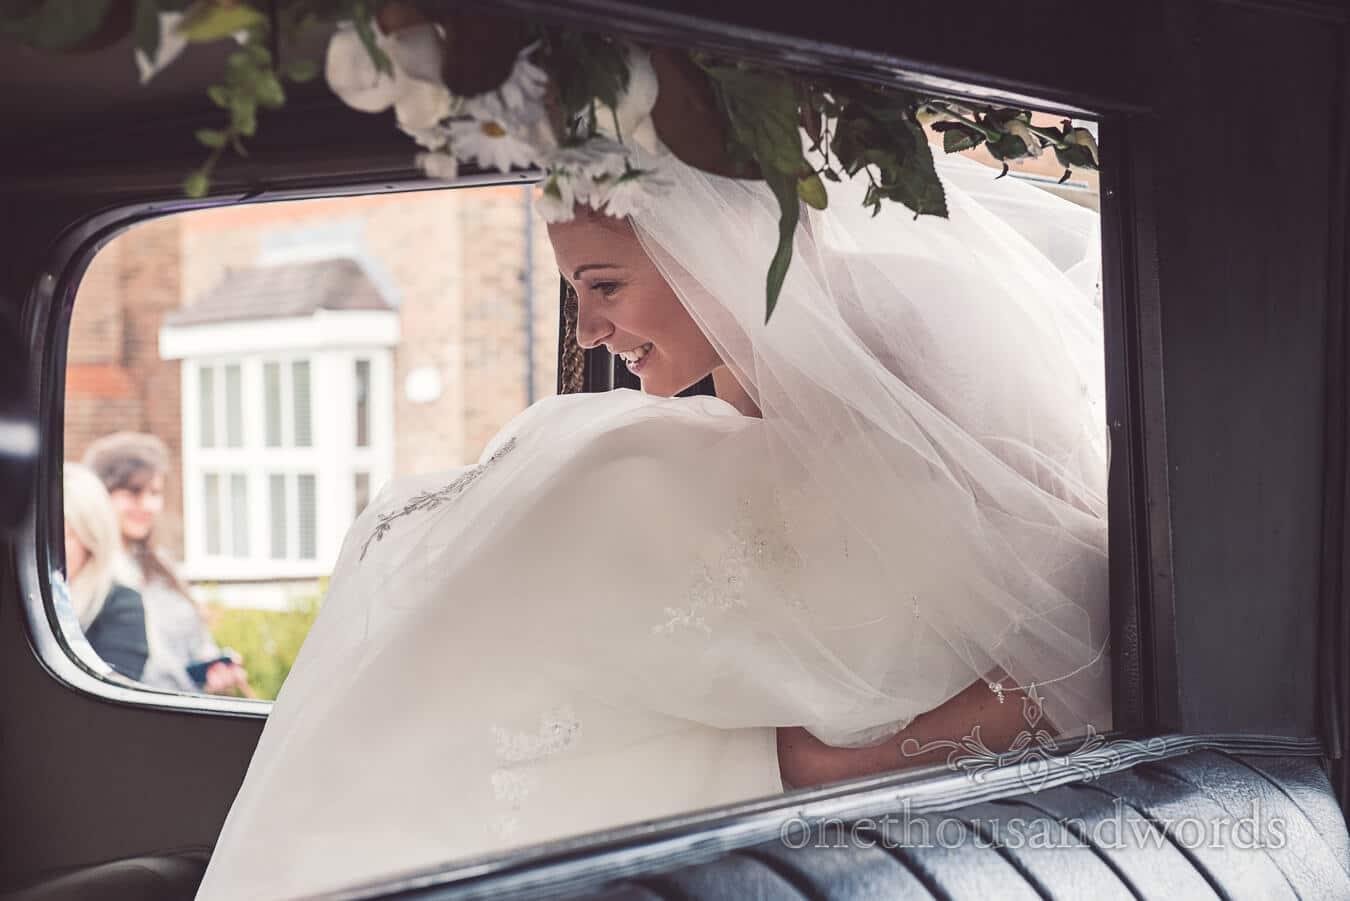 Bride in wedding car at Haven hotel wedding